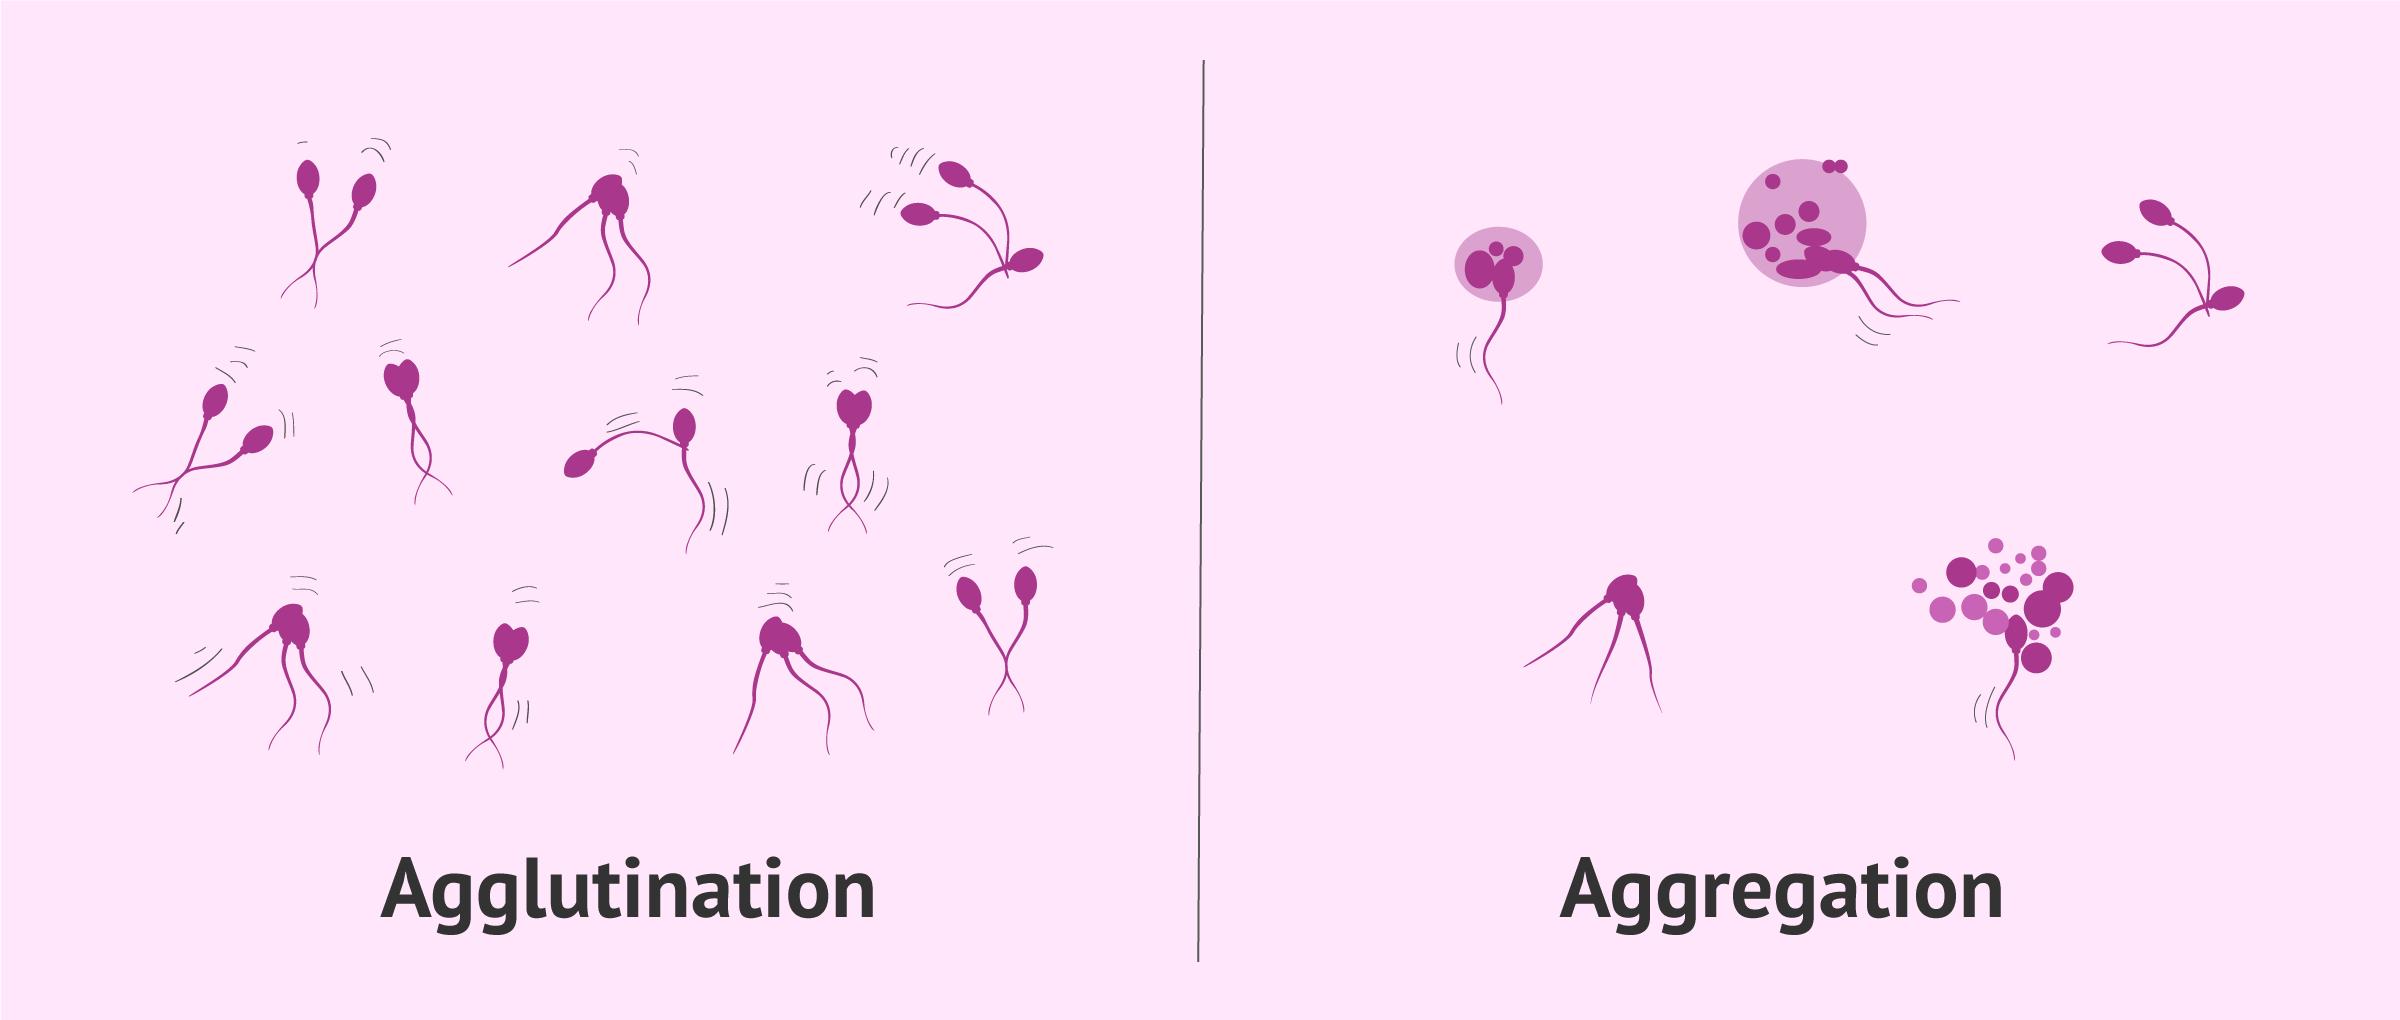 Unterschied zwischen Agglutination und Aggregation der Spermien